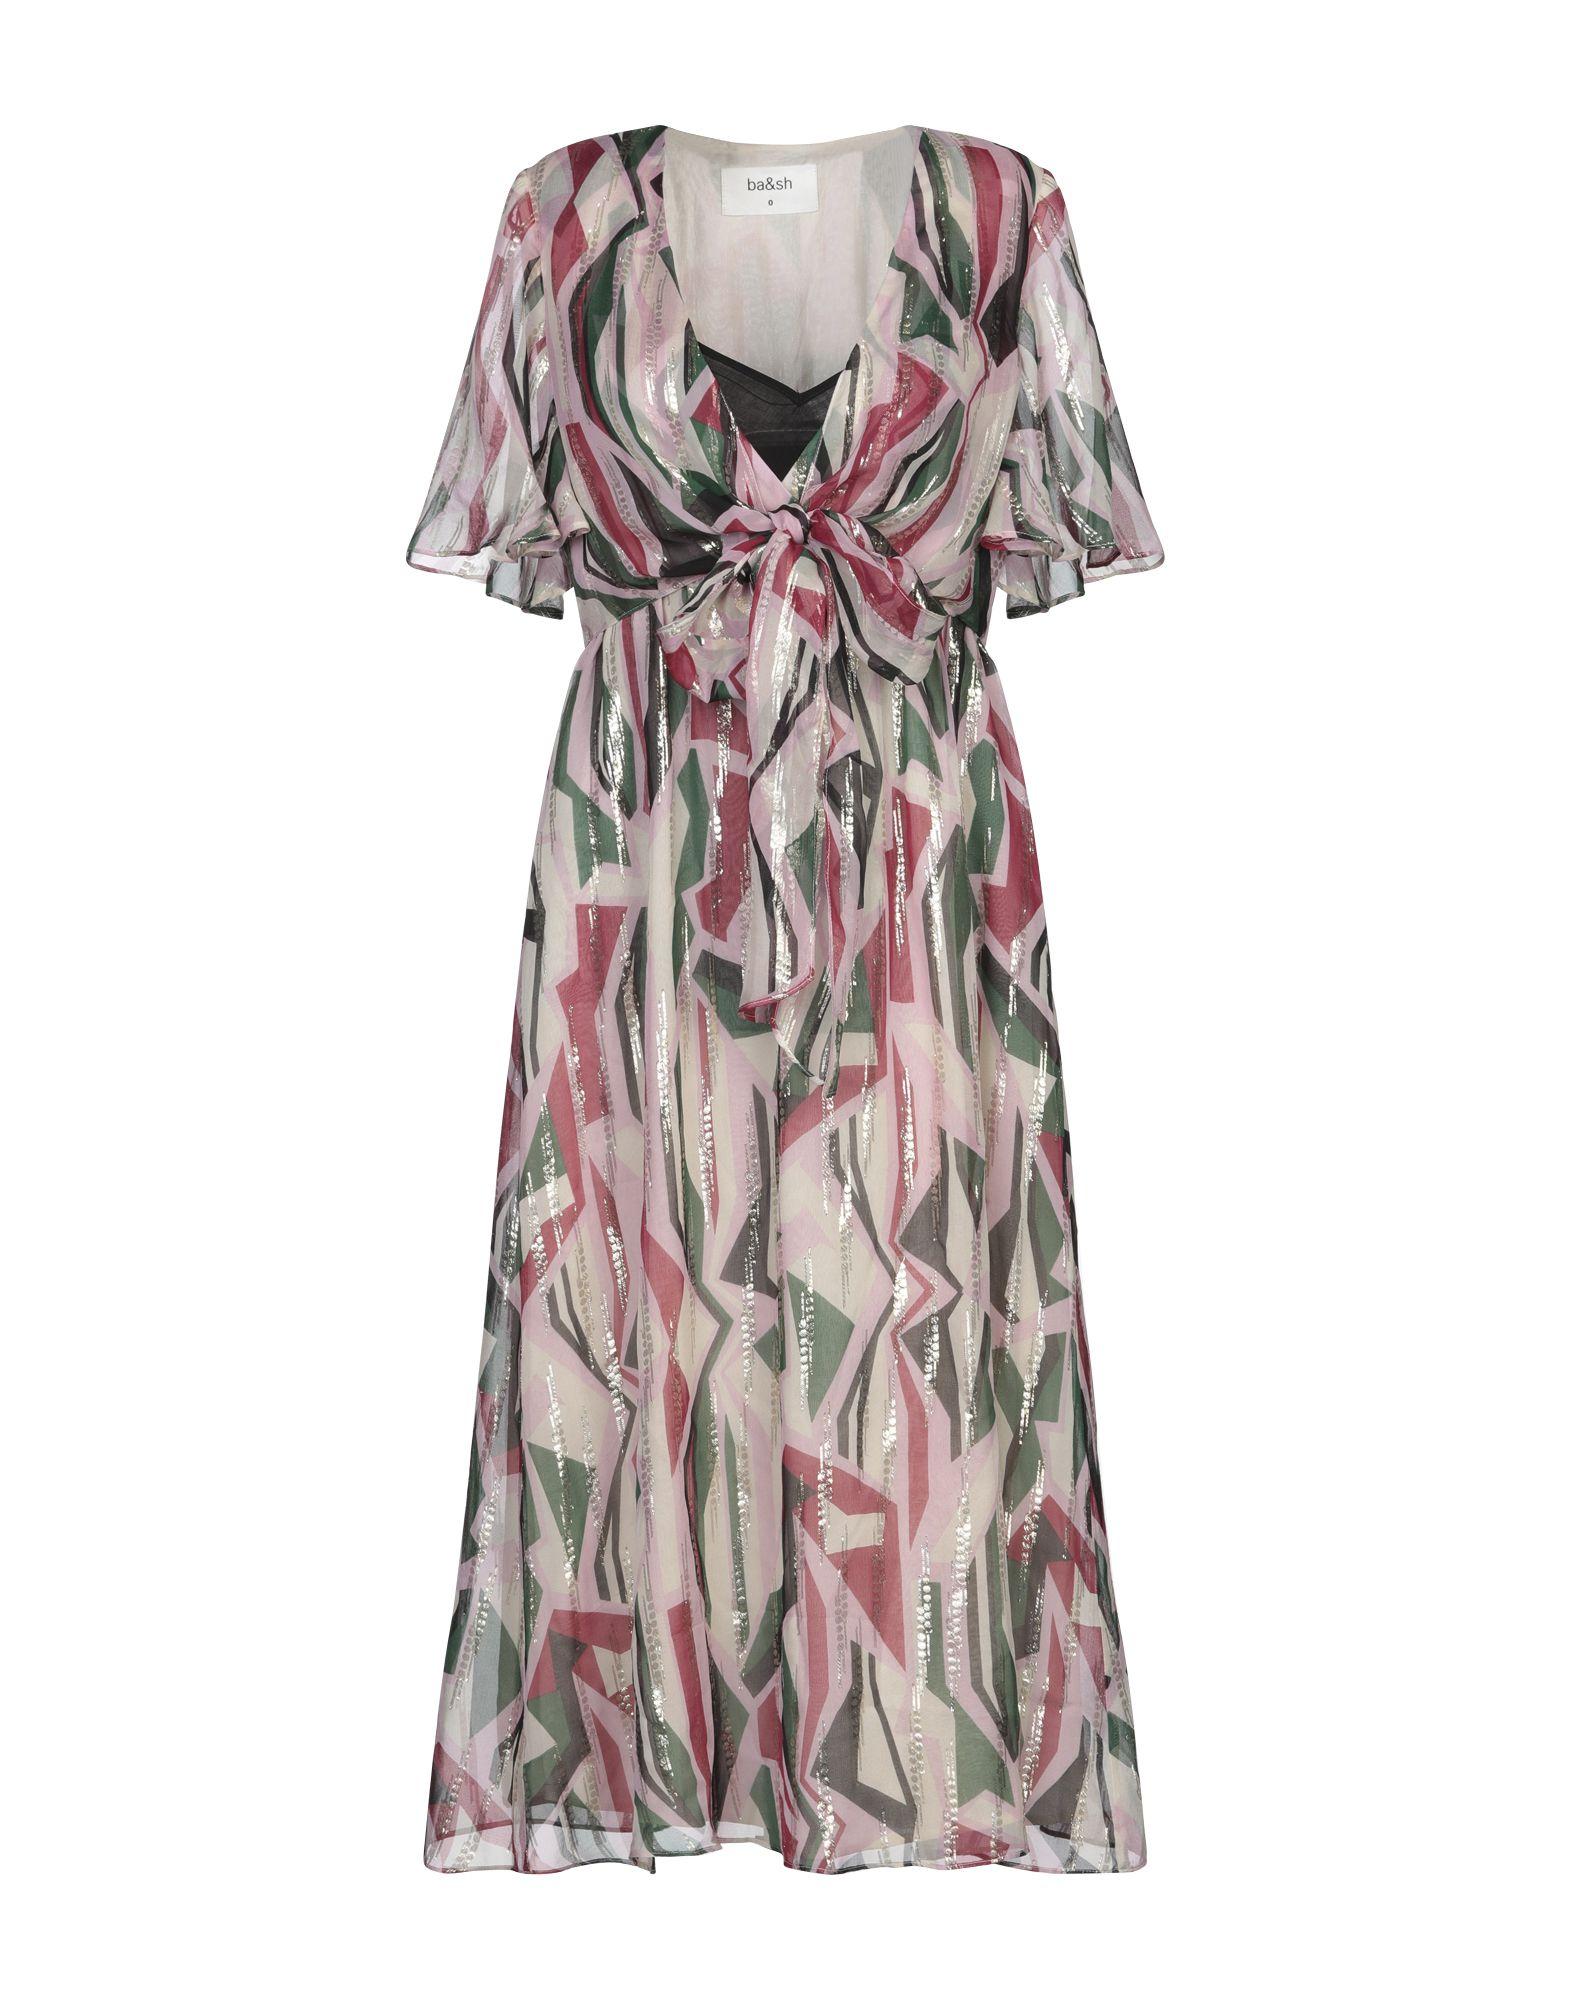 BA&SH Платье длиной 3/4 платье sh moultrie цвет бордовый rna18349ve cordovan размер xs 40